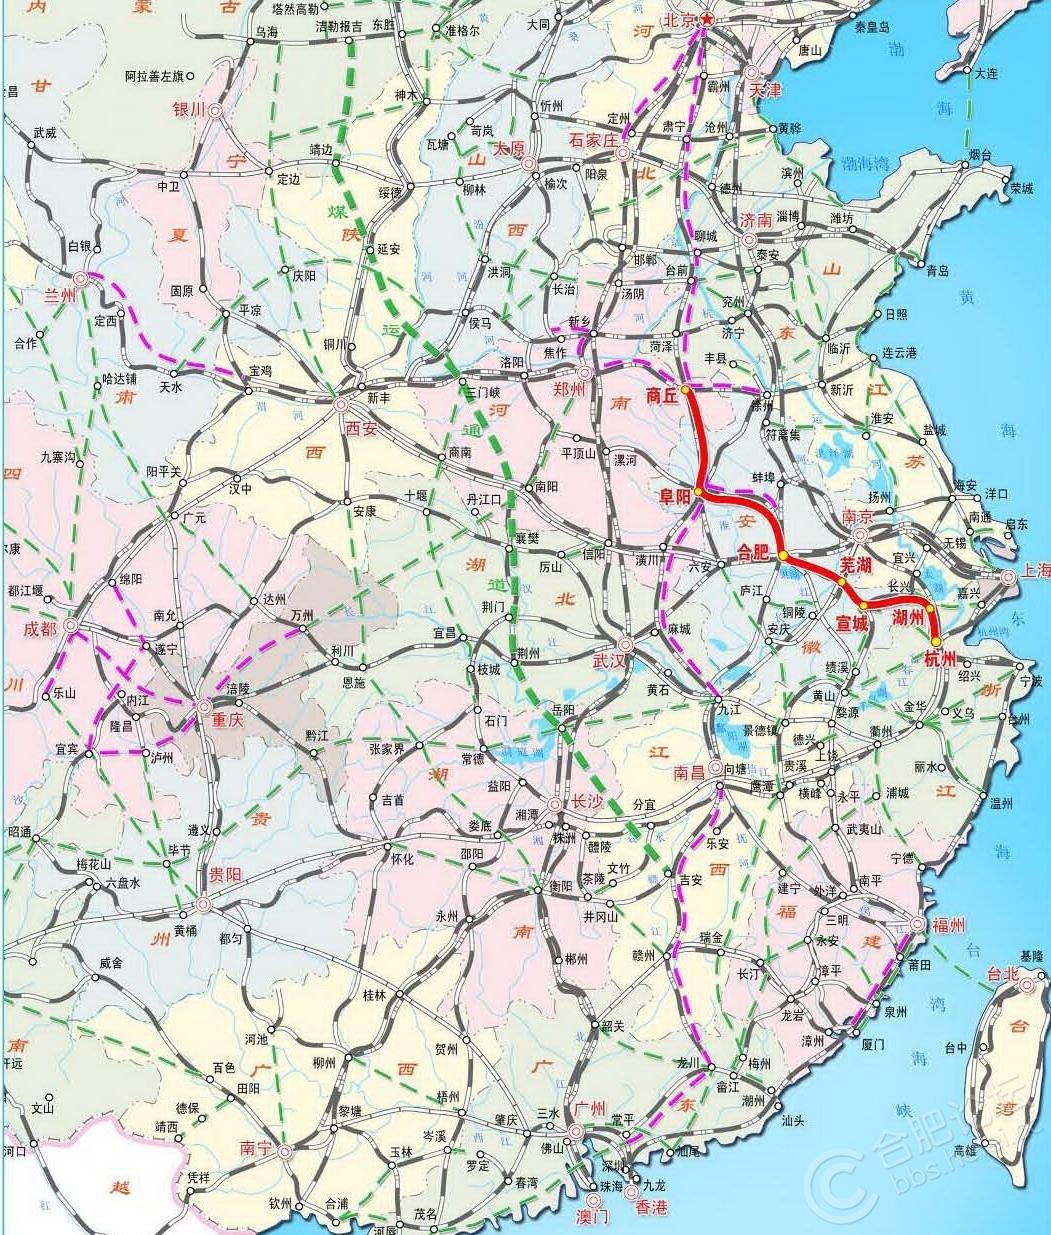 南昌到九江目前已经有一条时速250公里的高铁